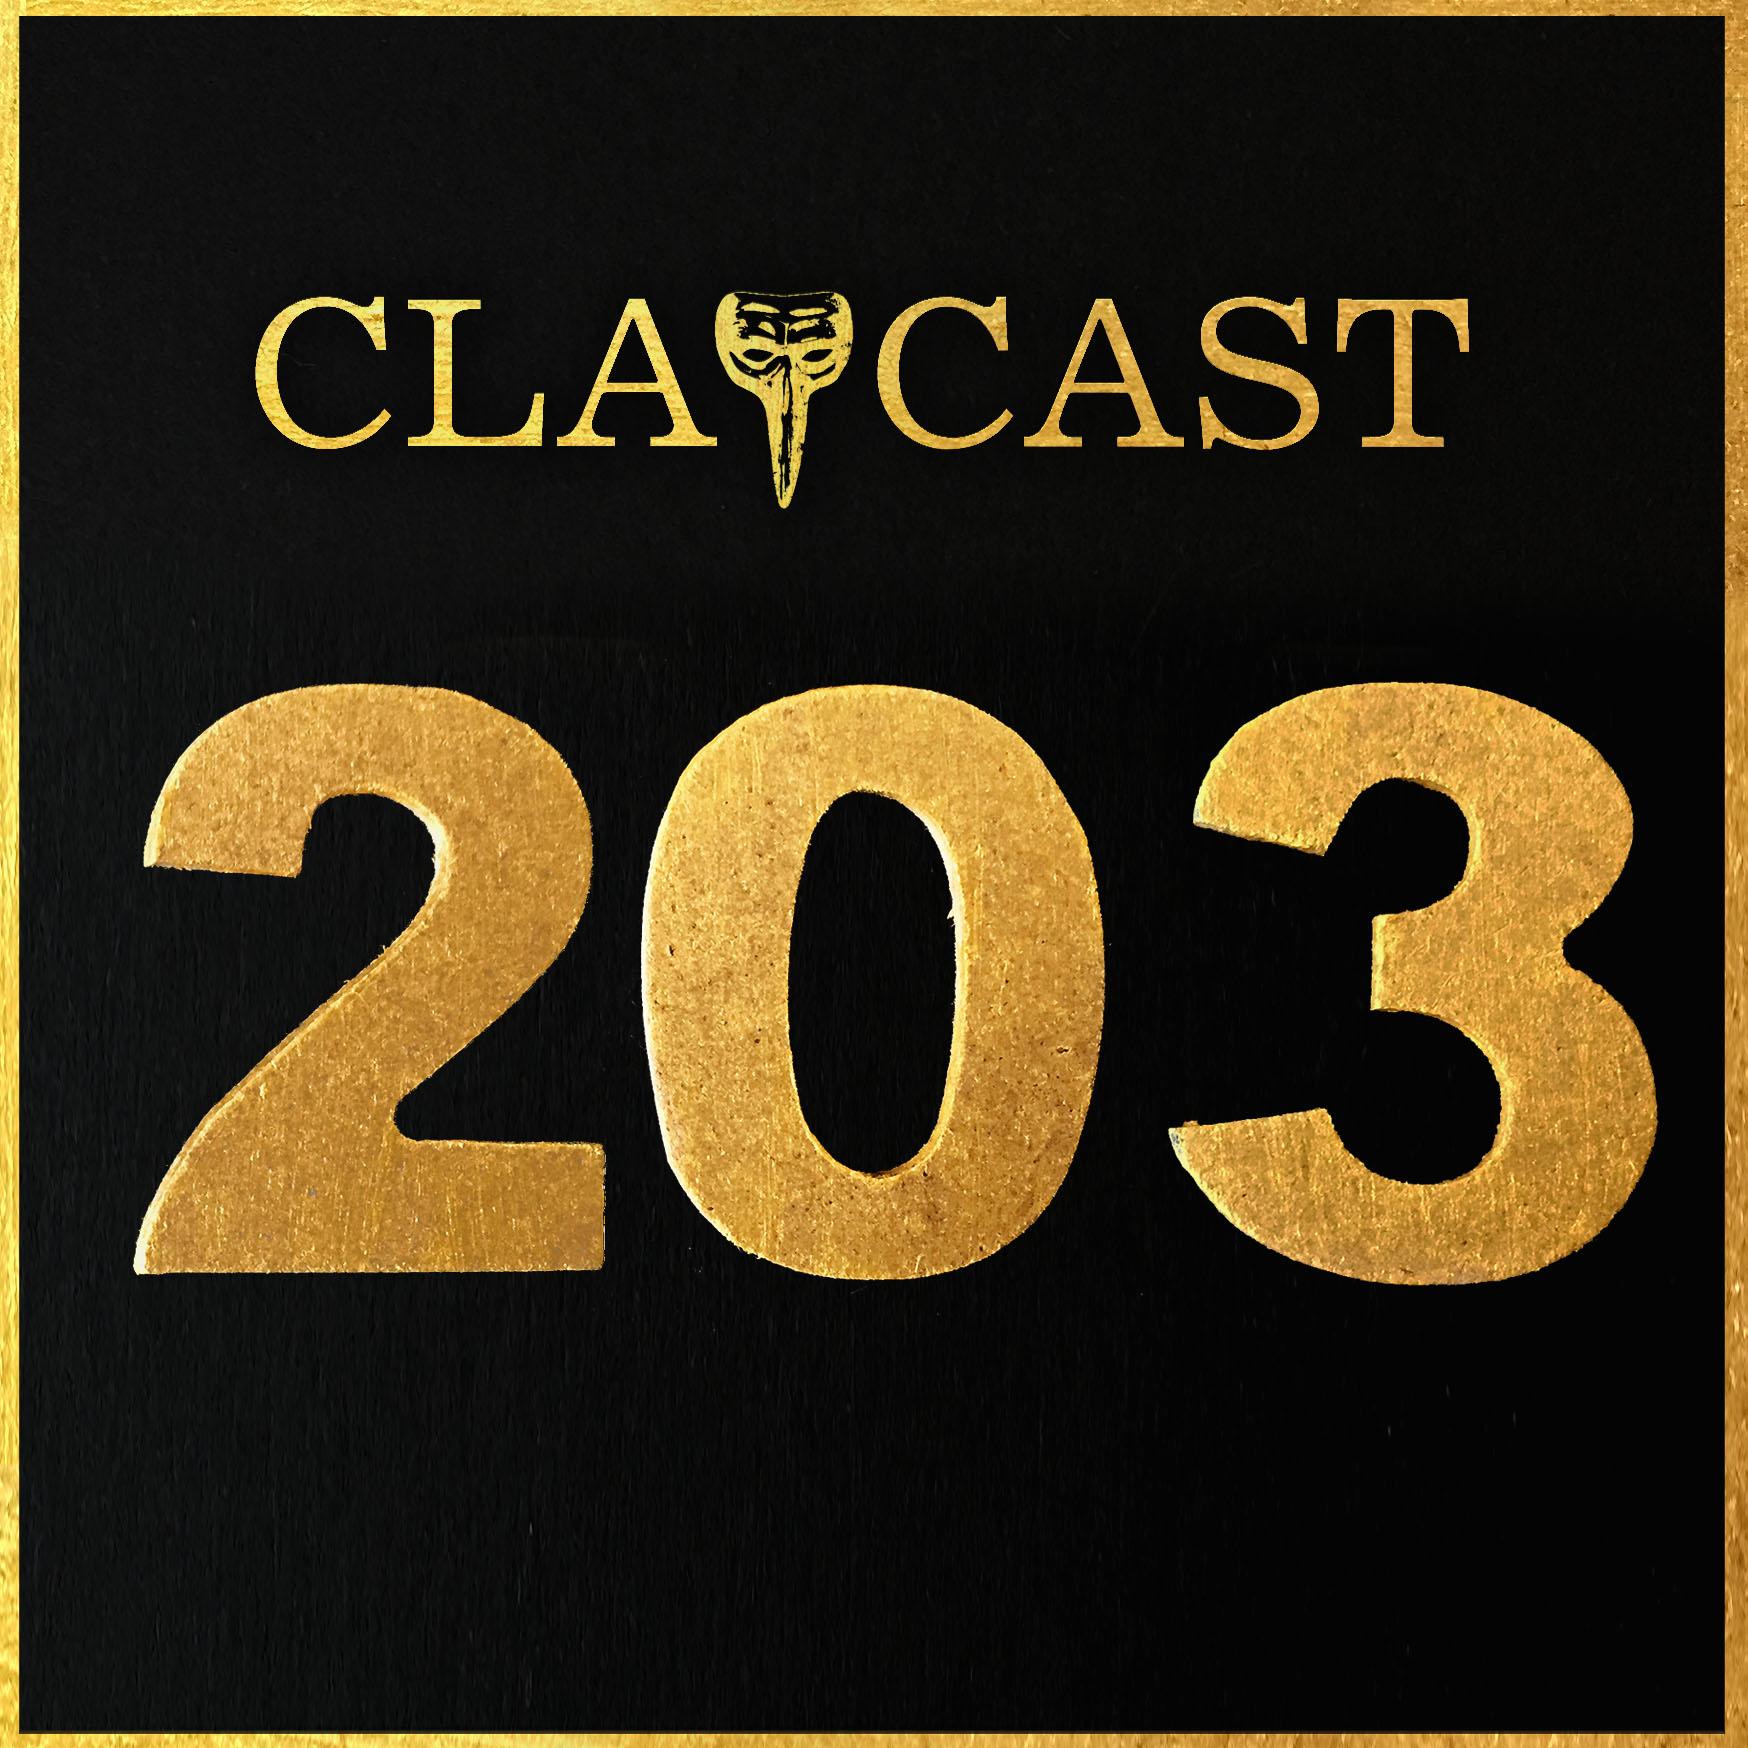 Clapcast 203